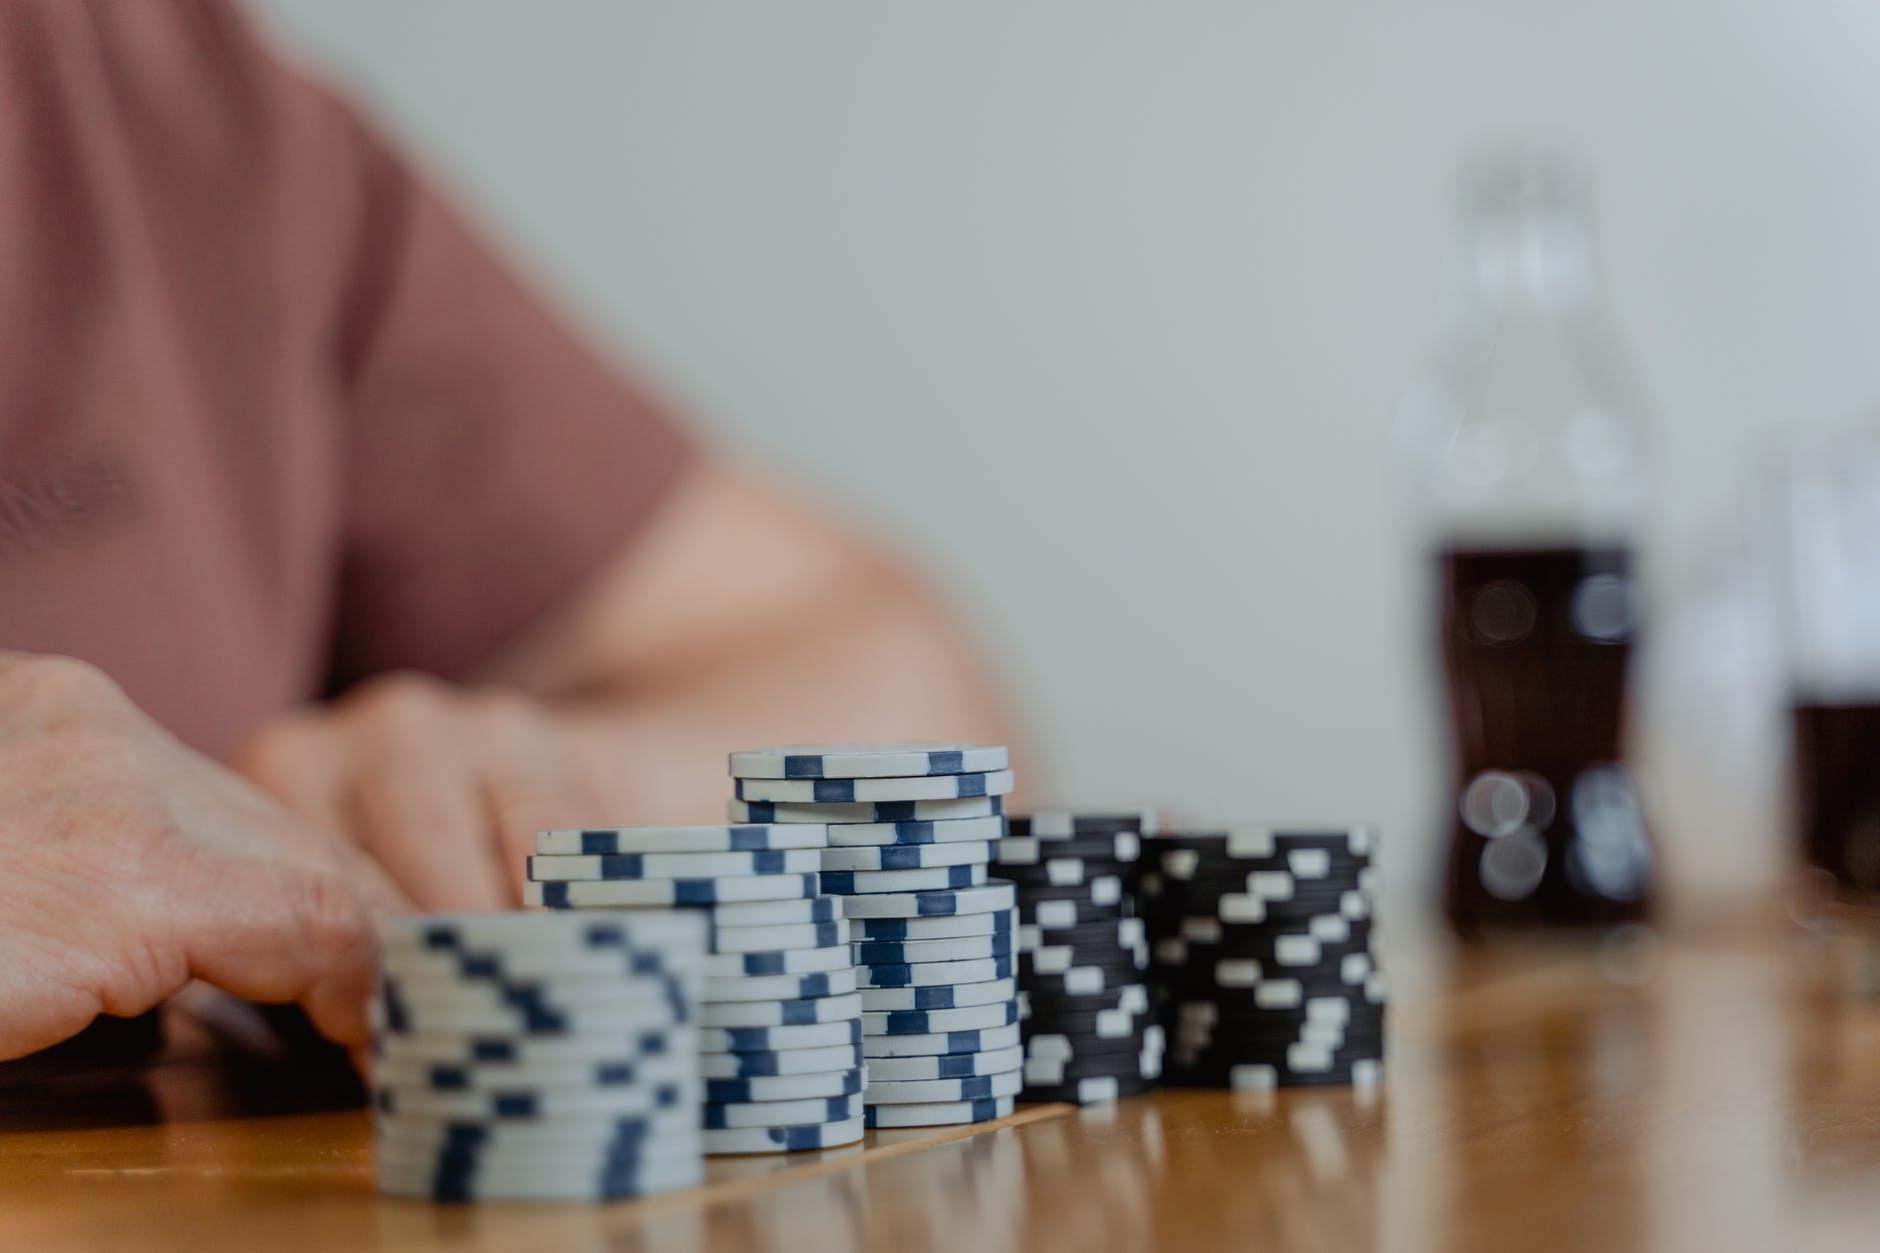 愛打麻將的你 注意到了嗎 ! 2021 麻將大師 百萬大賽開打 分享推薦給你